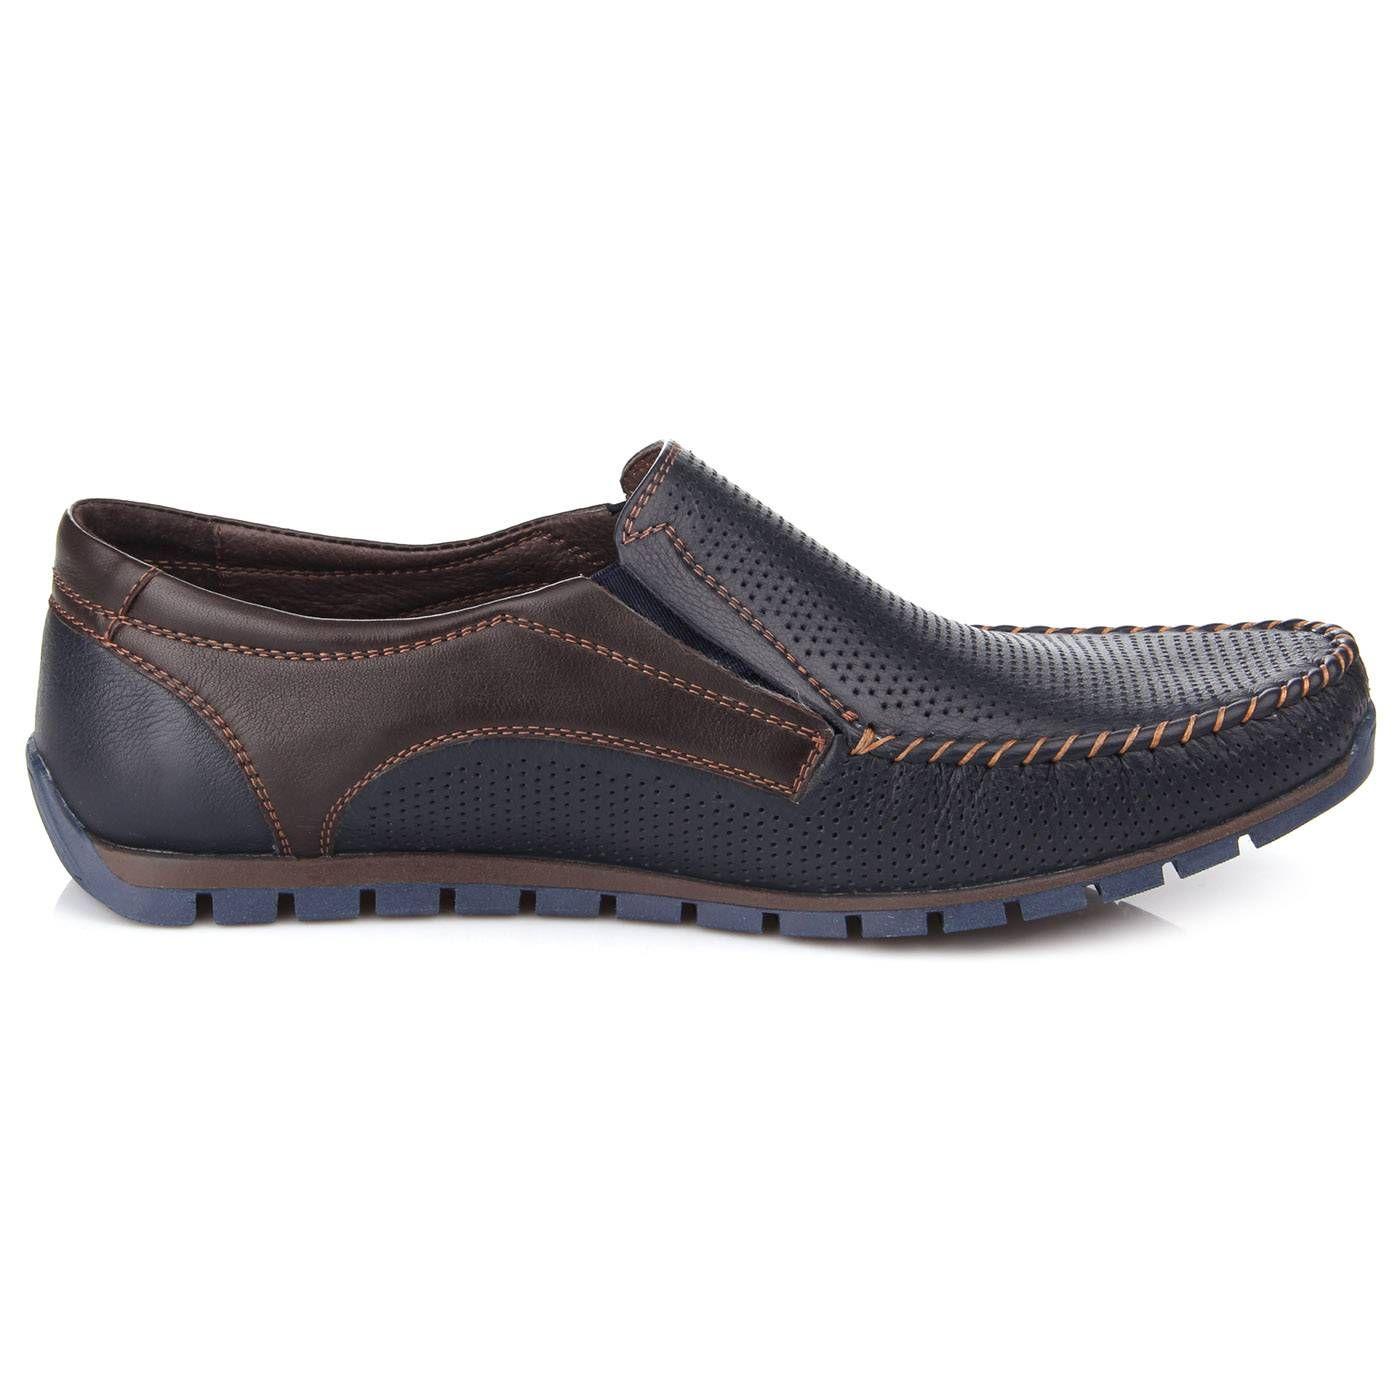 Pour Homme Noir/Bleu en simili cuir tissé Vamp Mocassins Casual Flâneur  Chaussures Antidérapant sur la conduite - Noir - noir, - Chaussures xposed …